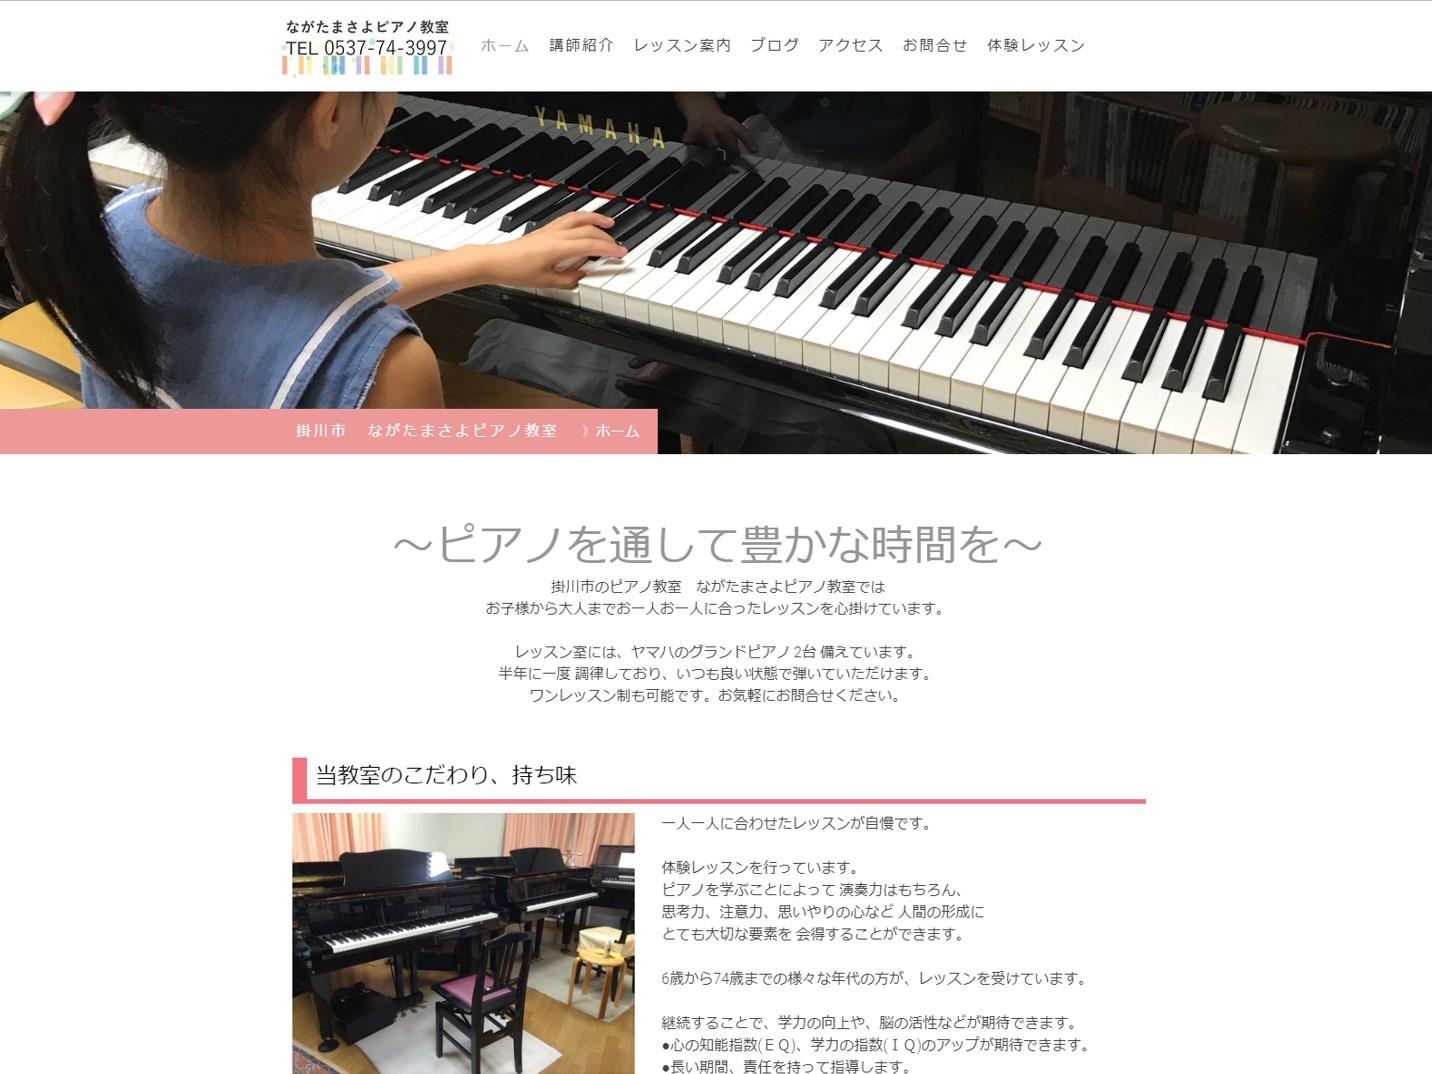 掛川 ながたまさよピアノ教室様